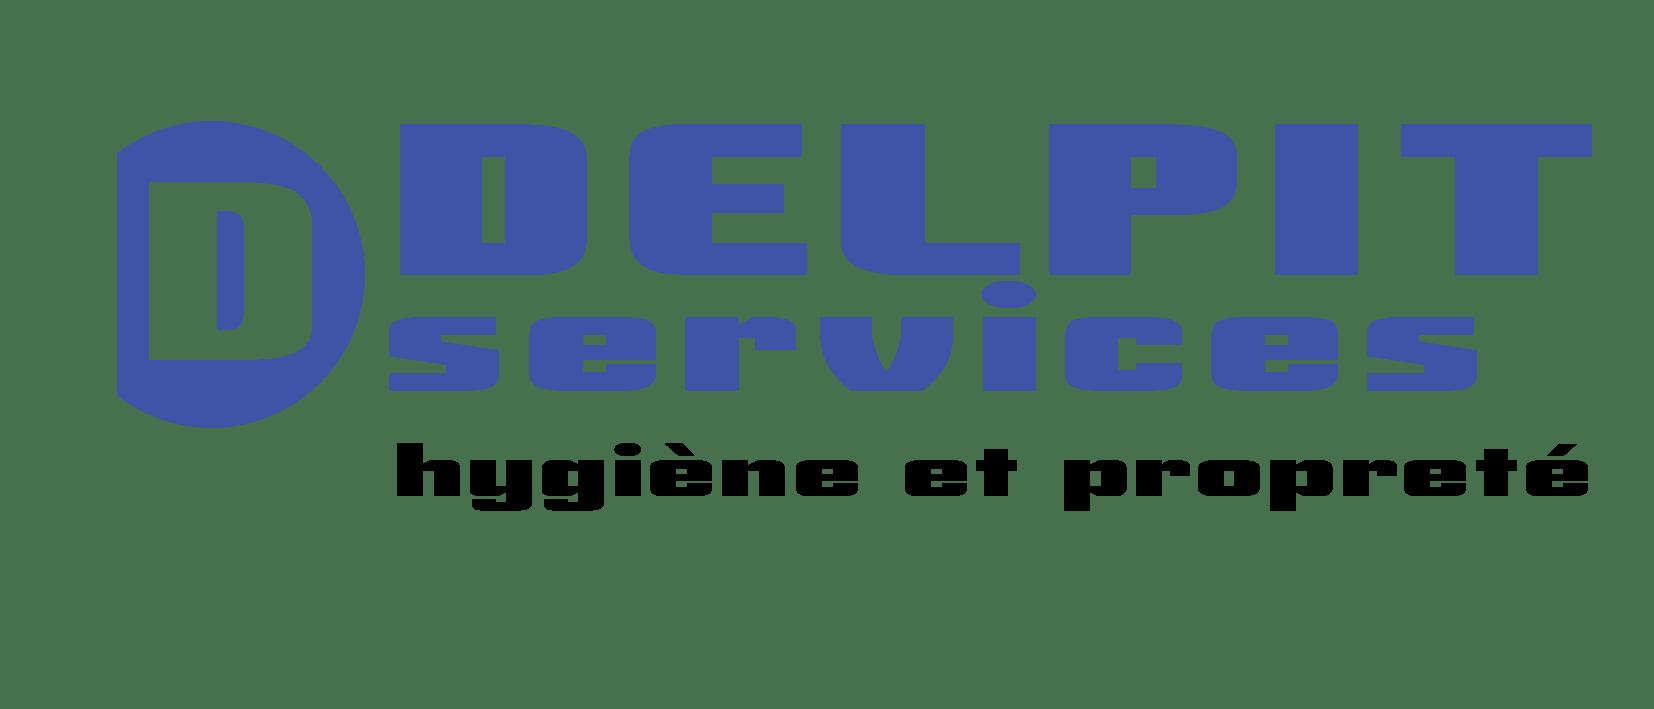 DELPIT SERVICES